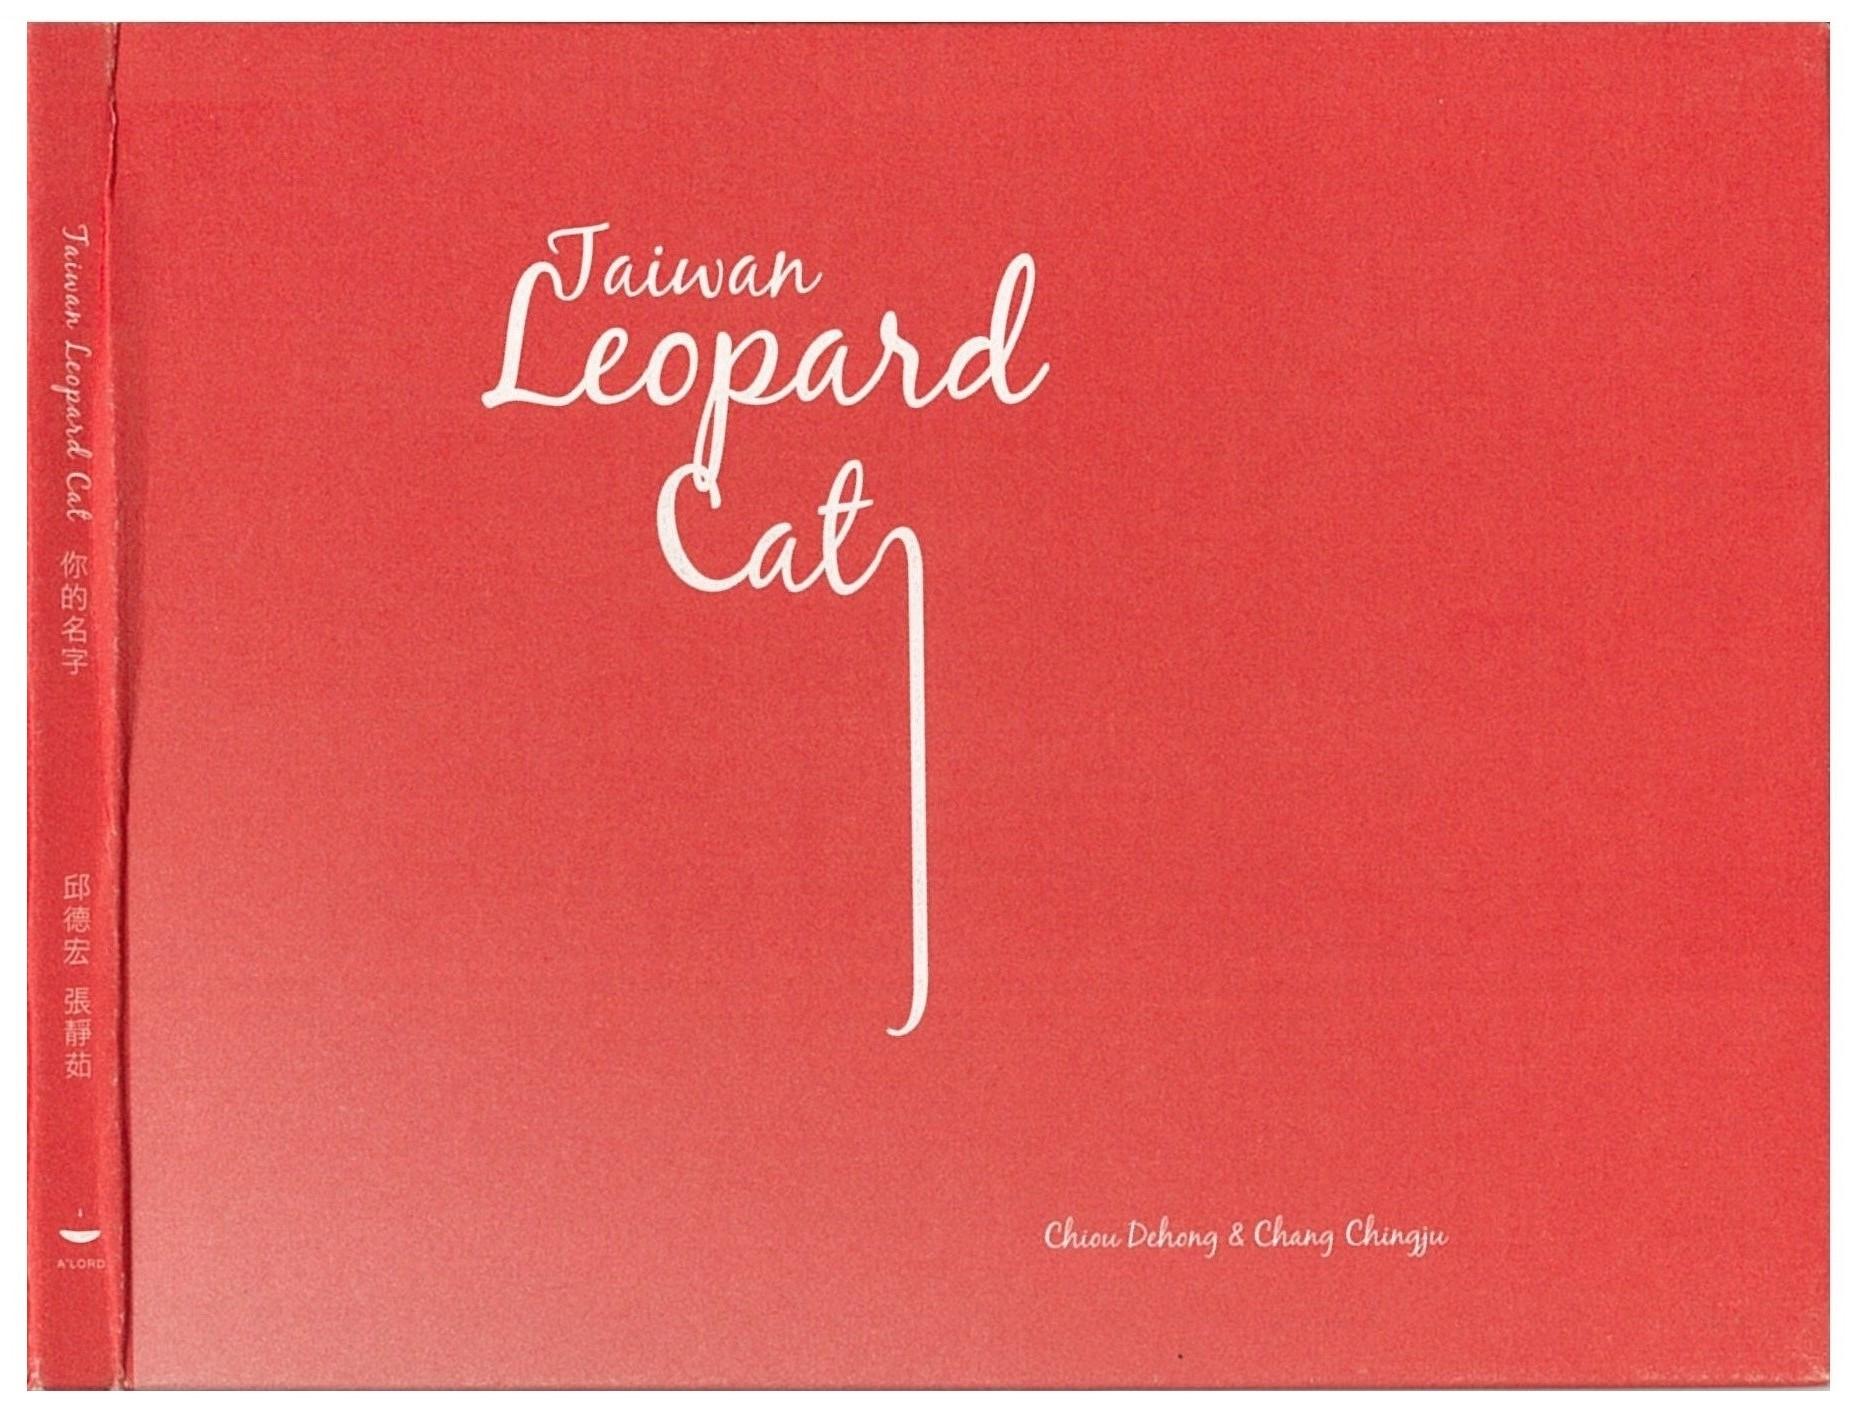 你的名字( Taiwan Leopard Cat)封面圖